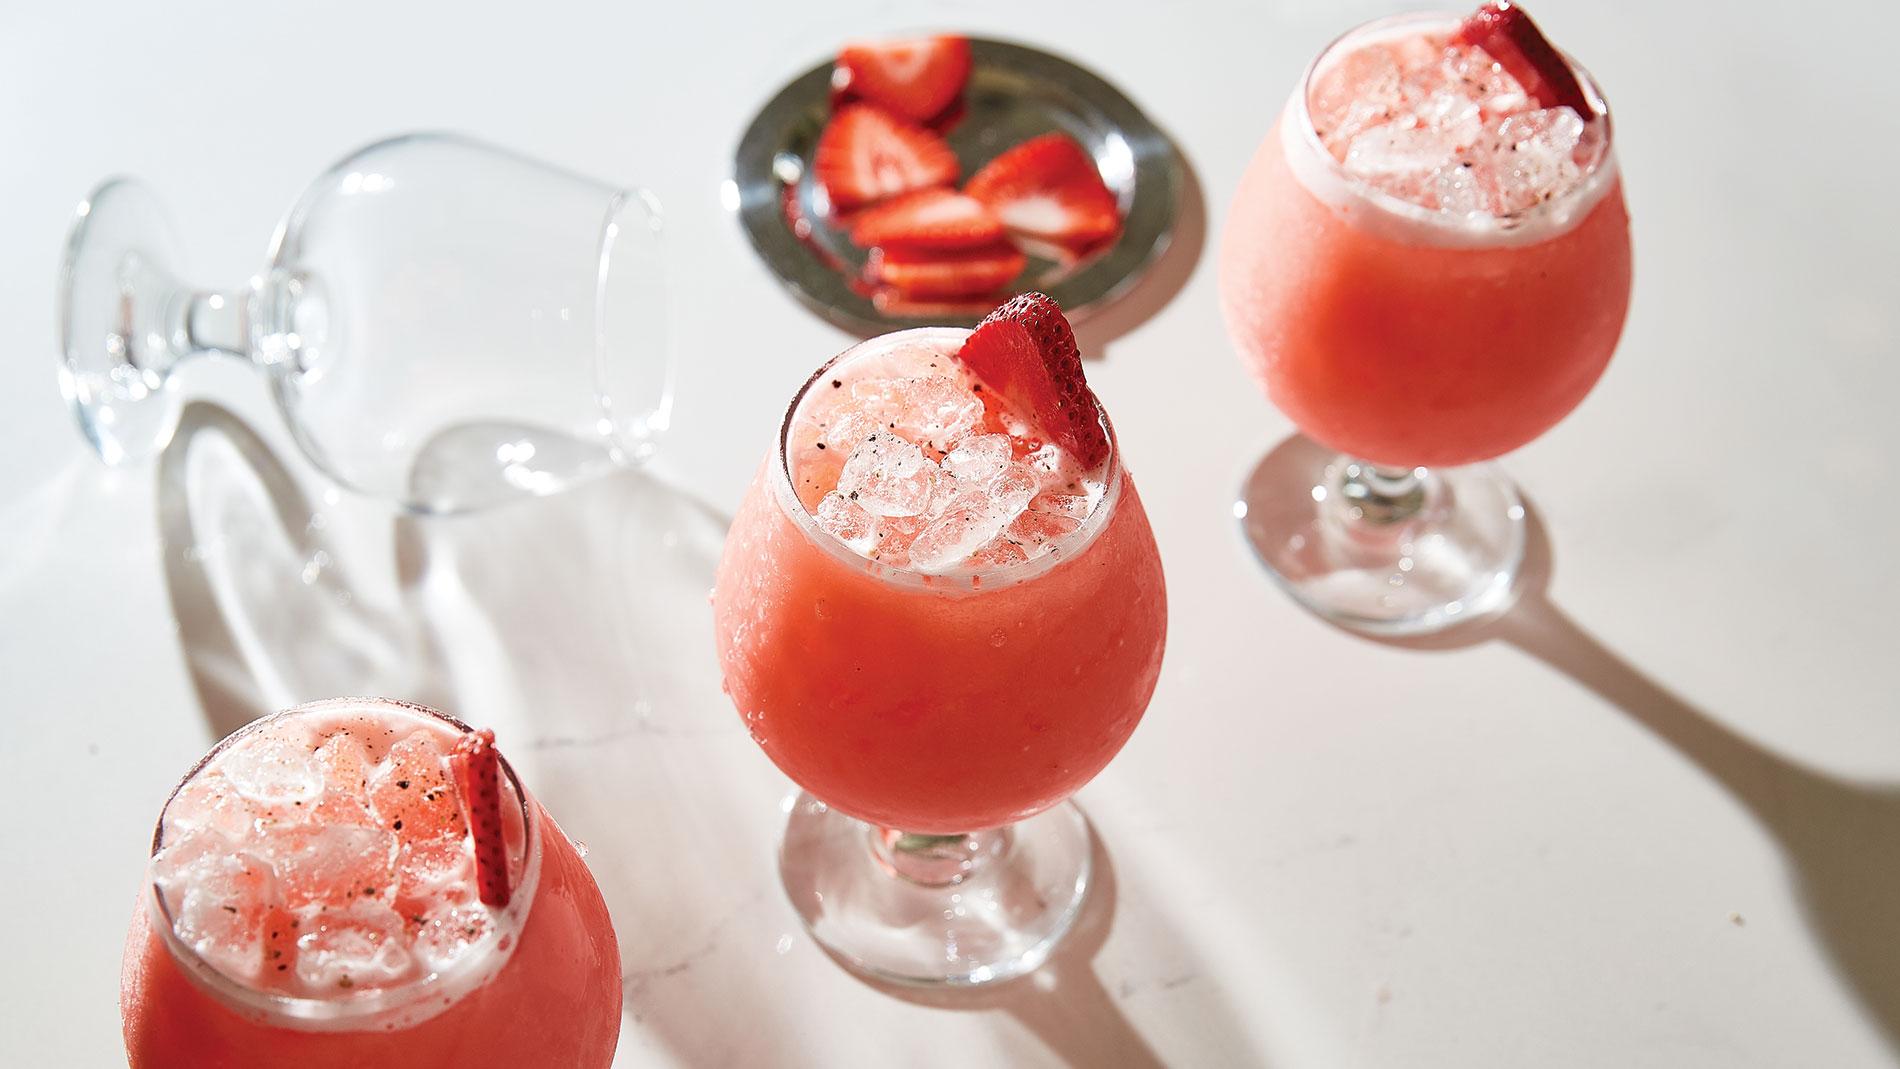 #94 cocktail at Olive + Oak in webster groves